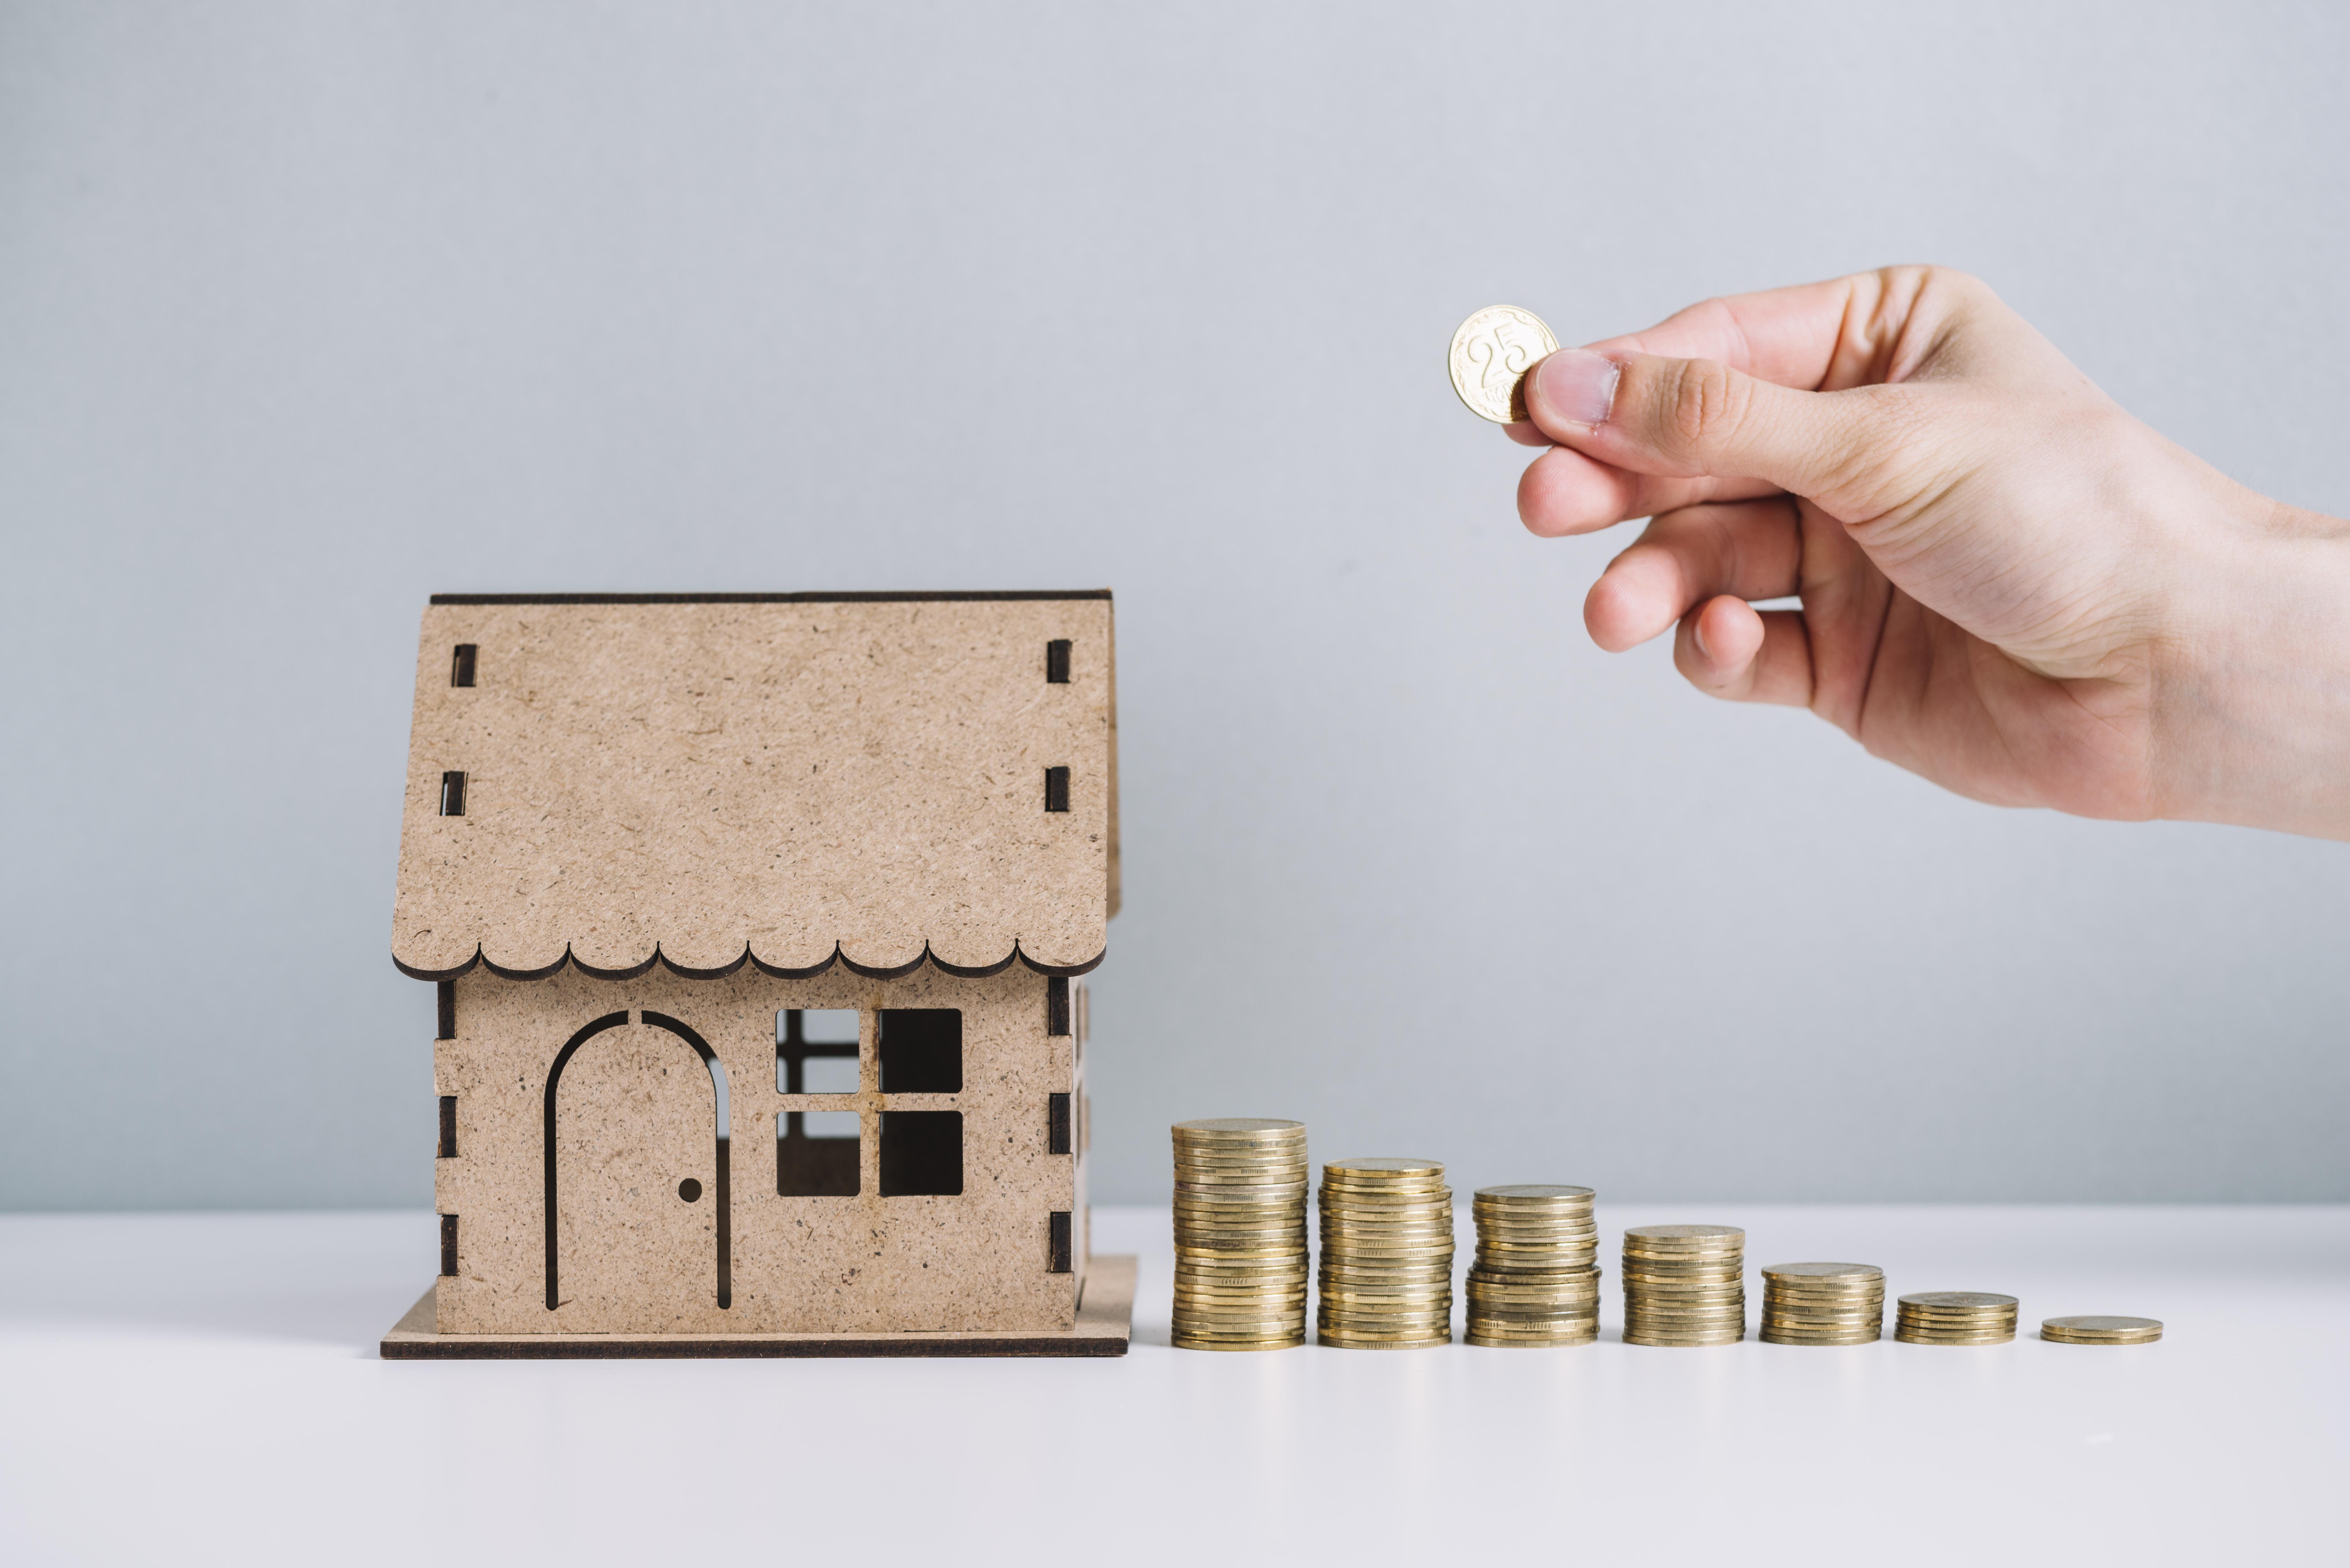 Renda de casa com tendência para aumentar em 2022